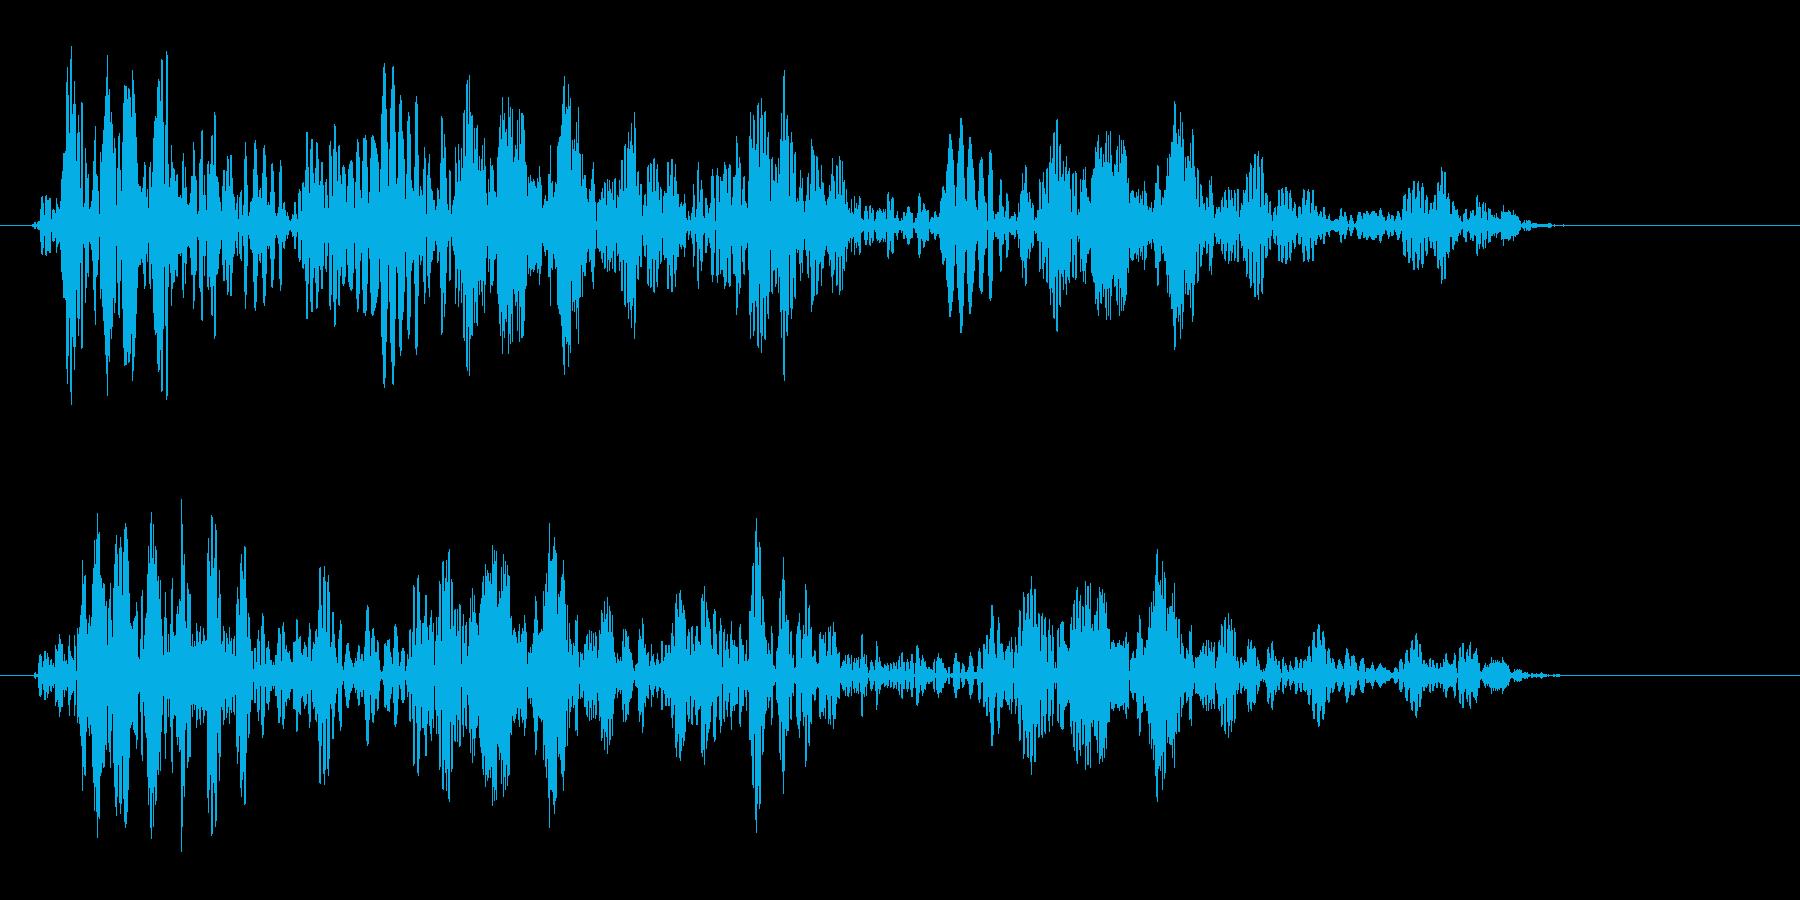 シュワンシュワン(ロープの音)の再生済みの波形